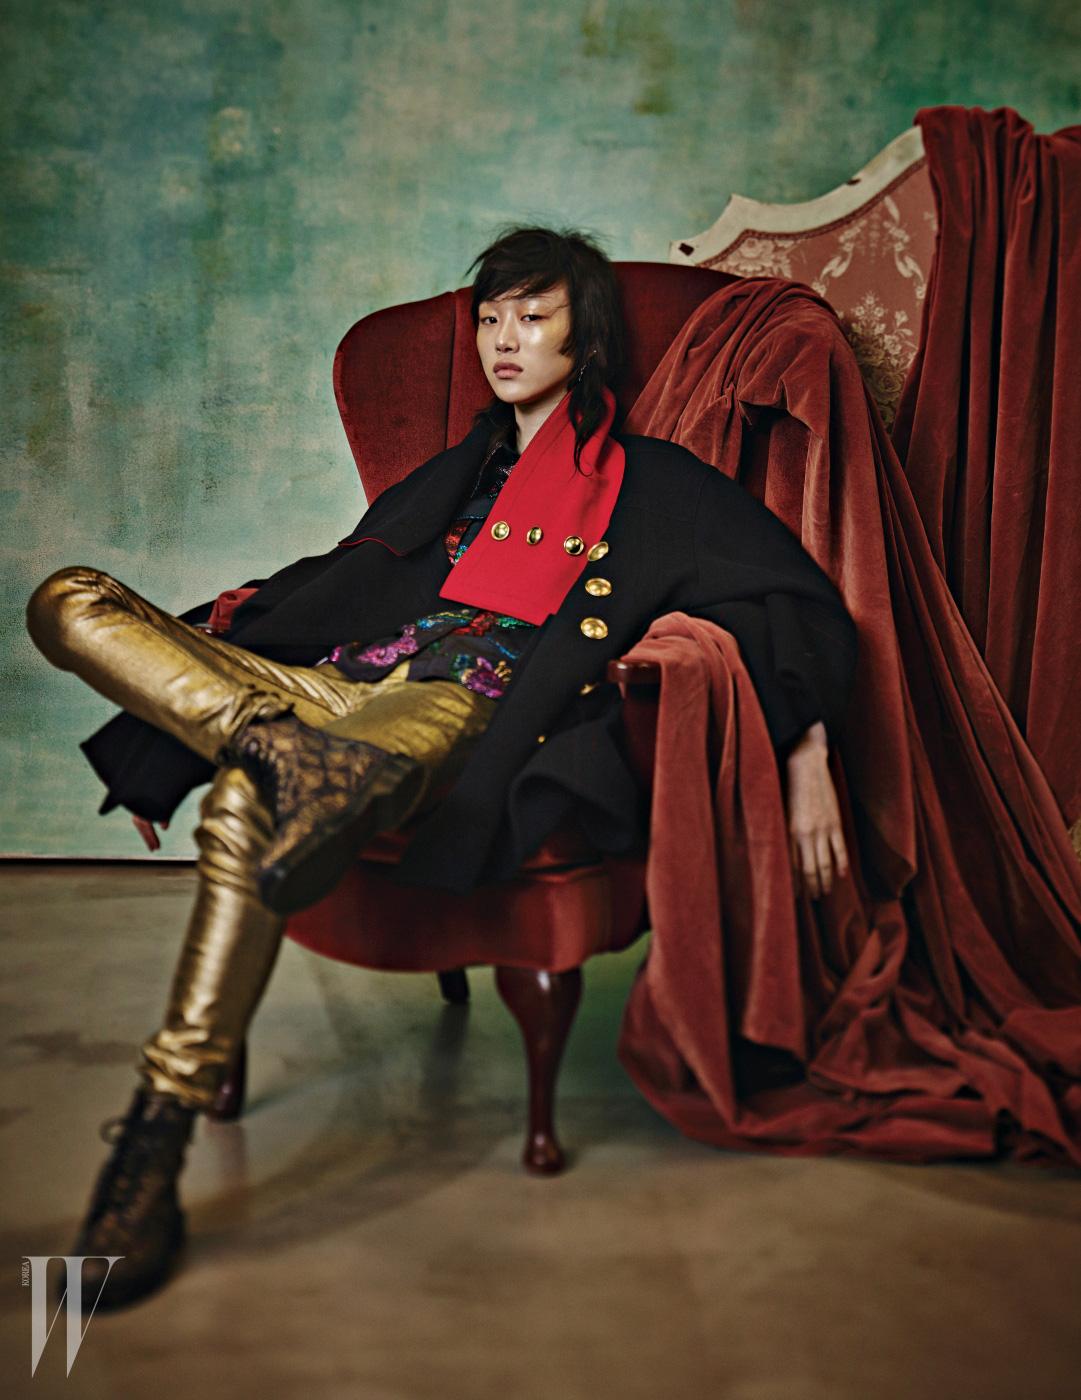 실크 자카드 문양의 셔츠와 금빛 단추 장식의 오버사이즈 코트는 Burberry, 금빛 데님 팬츠는 Ralph Lauren Collection, 화려한 패턴의 레이스업 부츠는 Dr. Martens 제품.